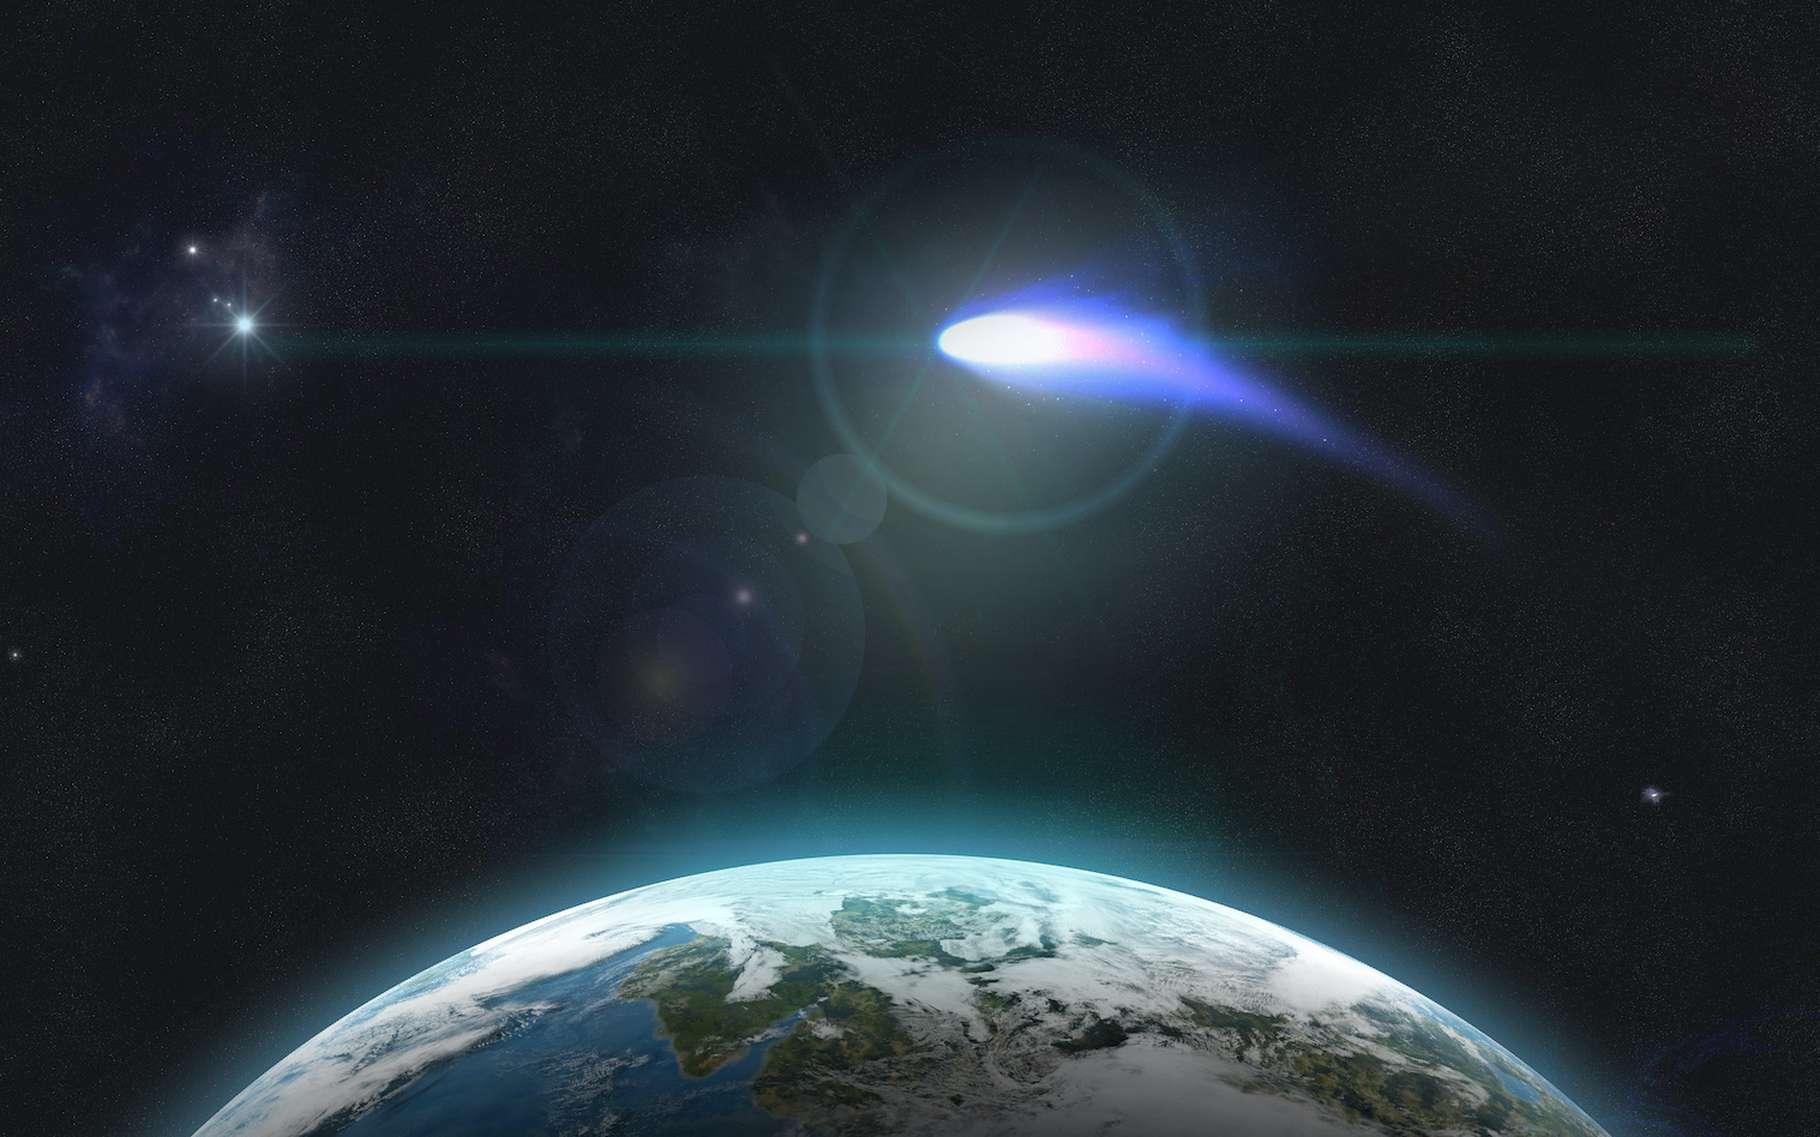 Il n'y a pas de trace du passage dans le ciel de la Terre d'une comète marquante il y a environ 3.000 ans. Pourtant, des astronomes de l'université du Maryland (États-Unis) pensent que le spectacle de la comète mère de la comète C/2019 Y4 (Atlas) a dû être exceptionnel pour les Hommes de l'âge de pierre installés en Eurasie et en Afrique du Nord. © Fox_Dsign, Adobe Stock